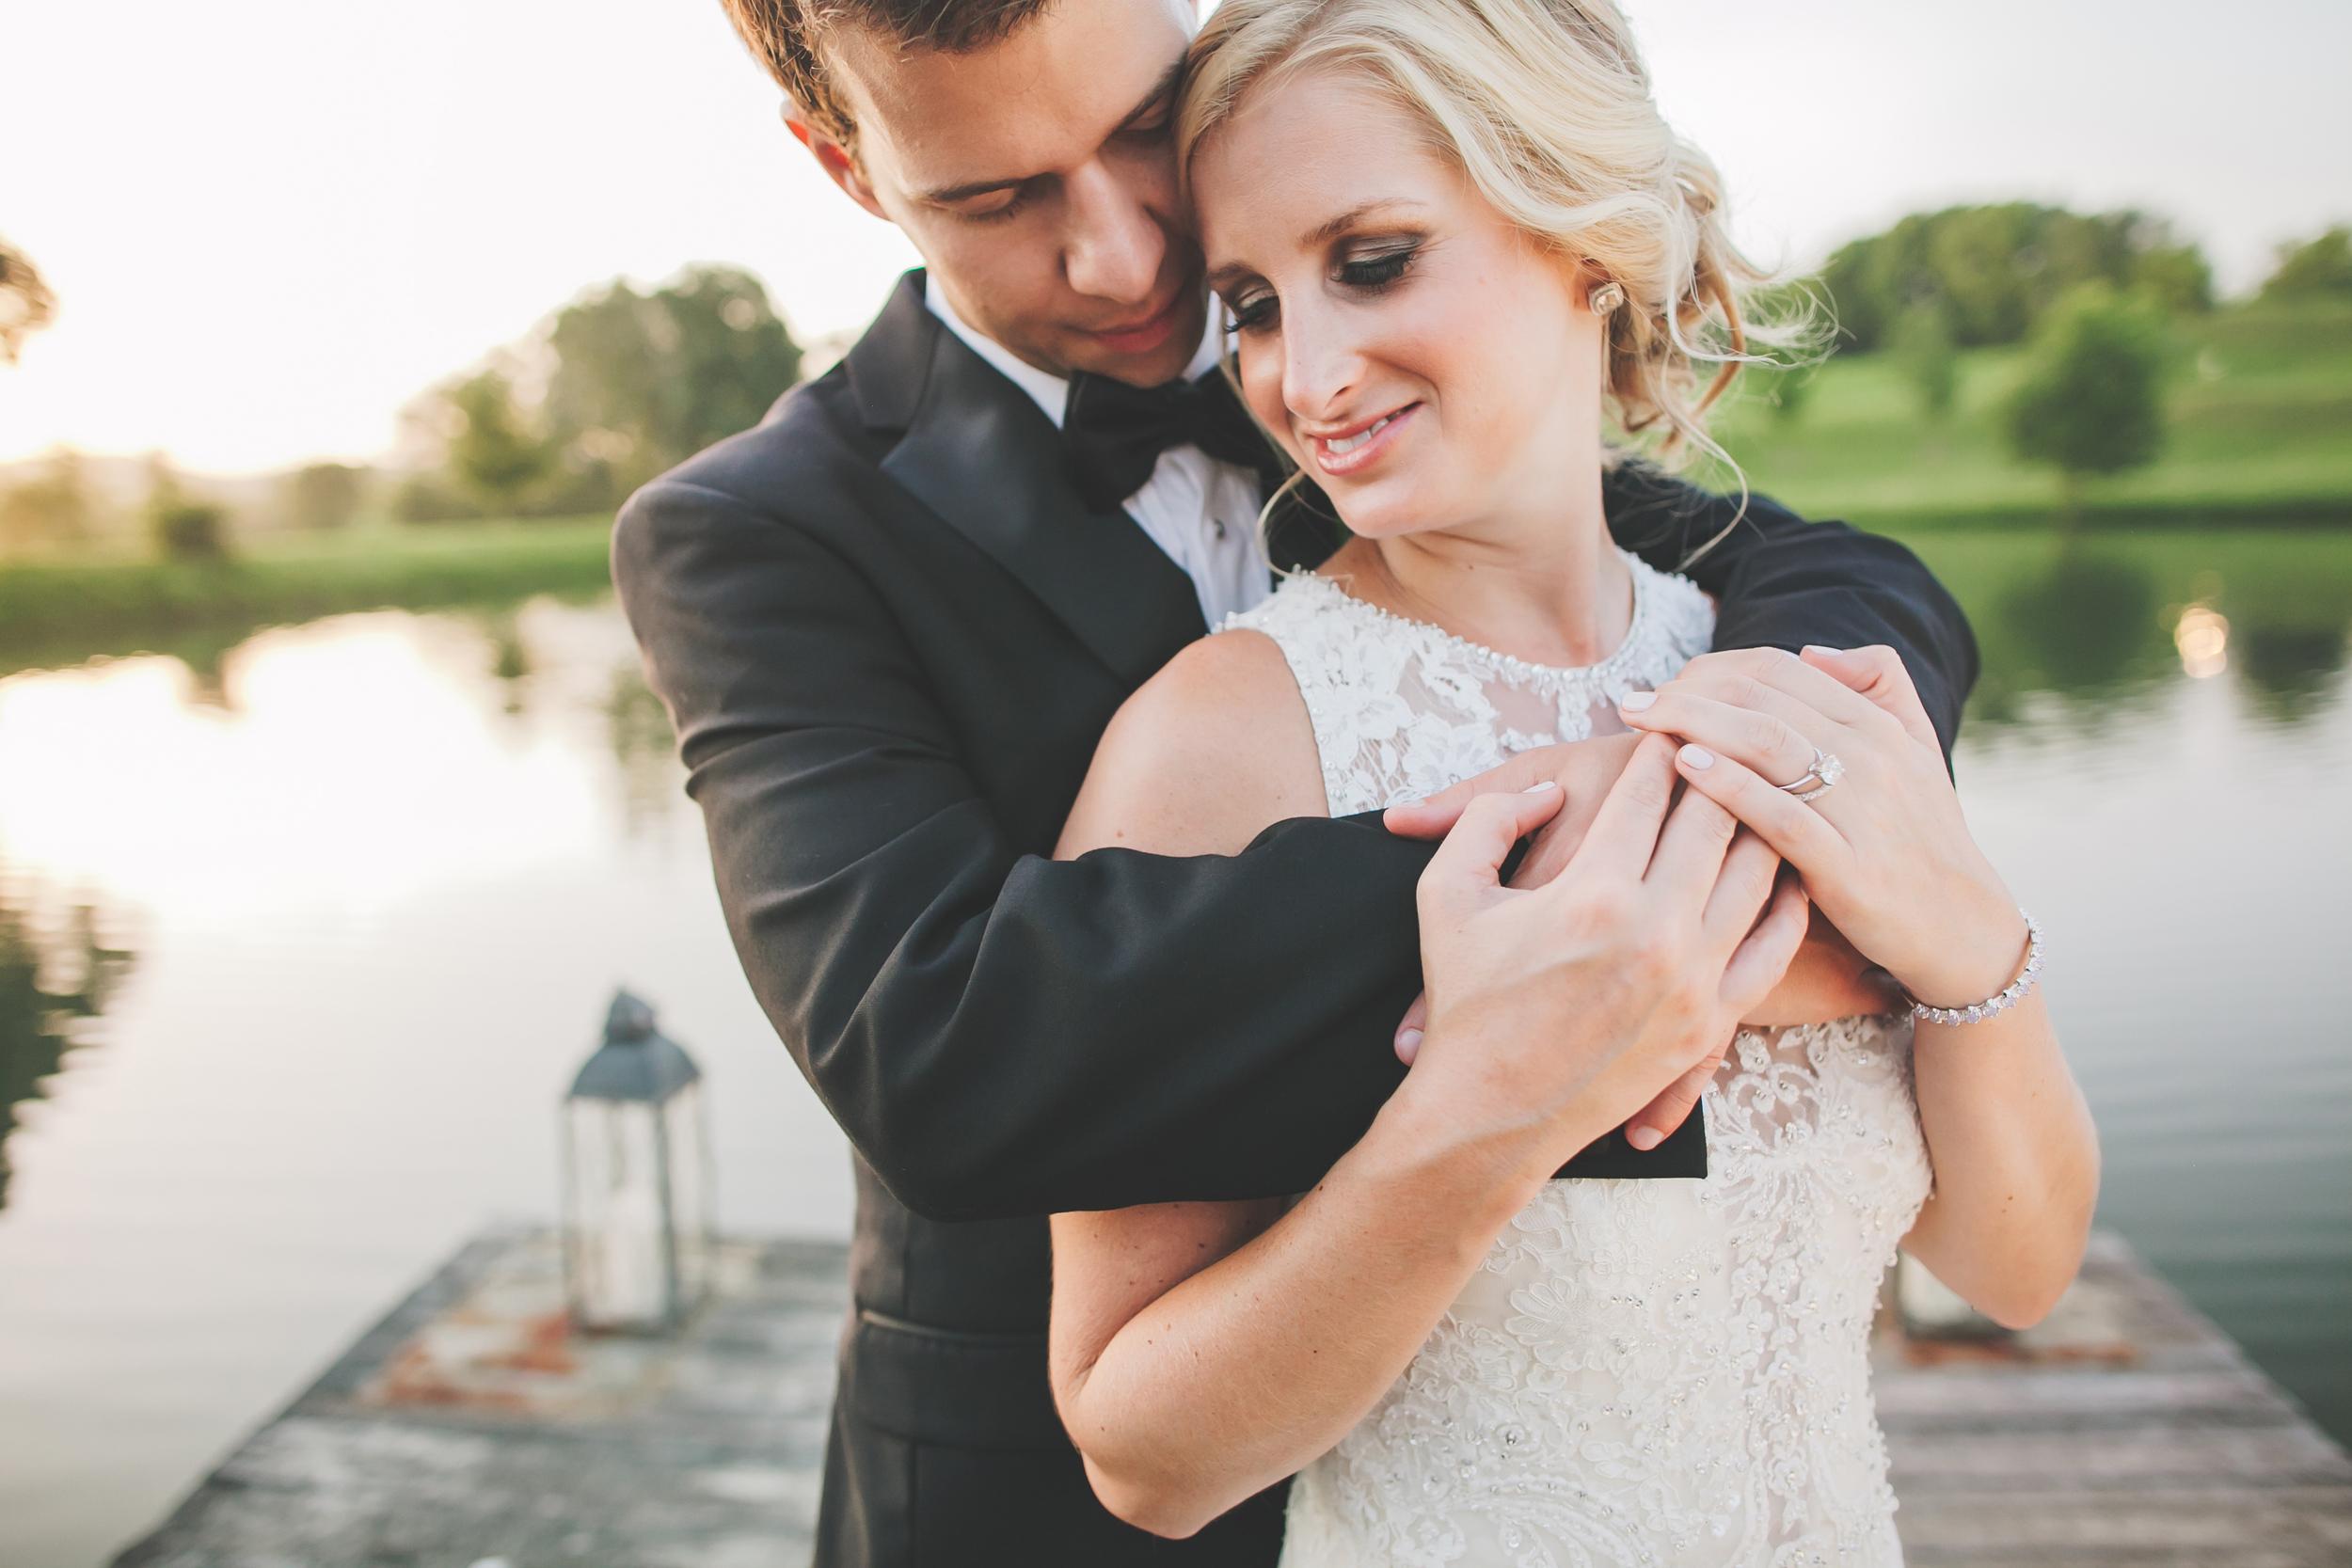 Martucci Wedding-0621.jpg